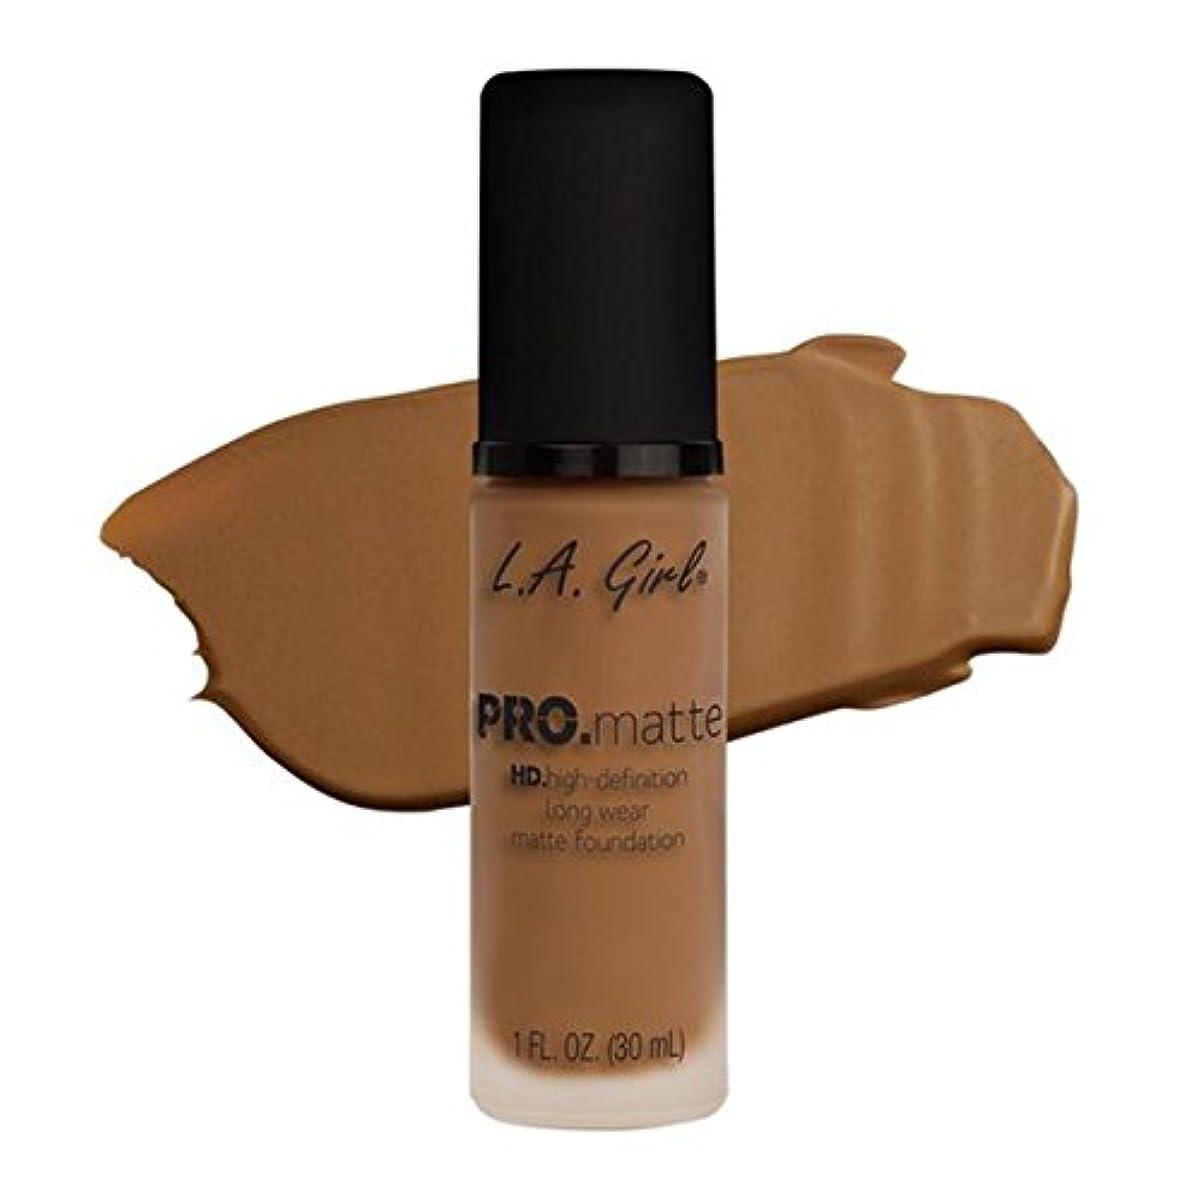 欠如オン遺棄されたLA Girl PRO.mattte HD.high-definition long wear matte foundation (GLM682 Cafe)